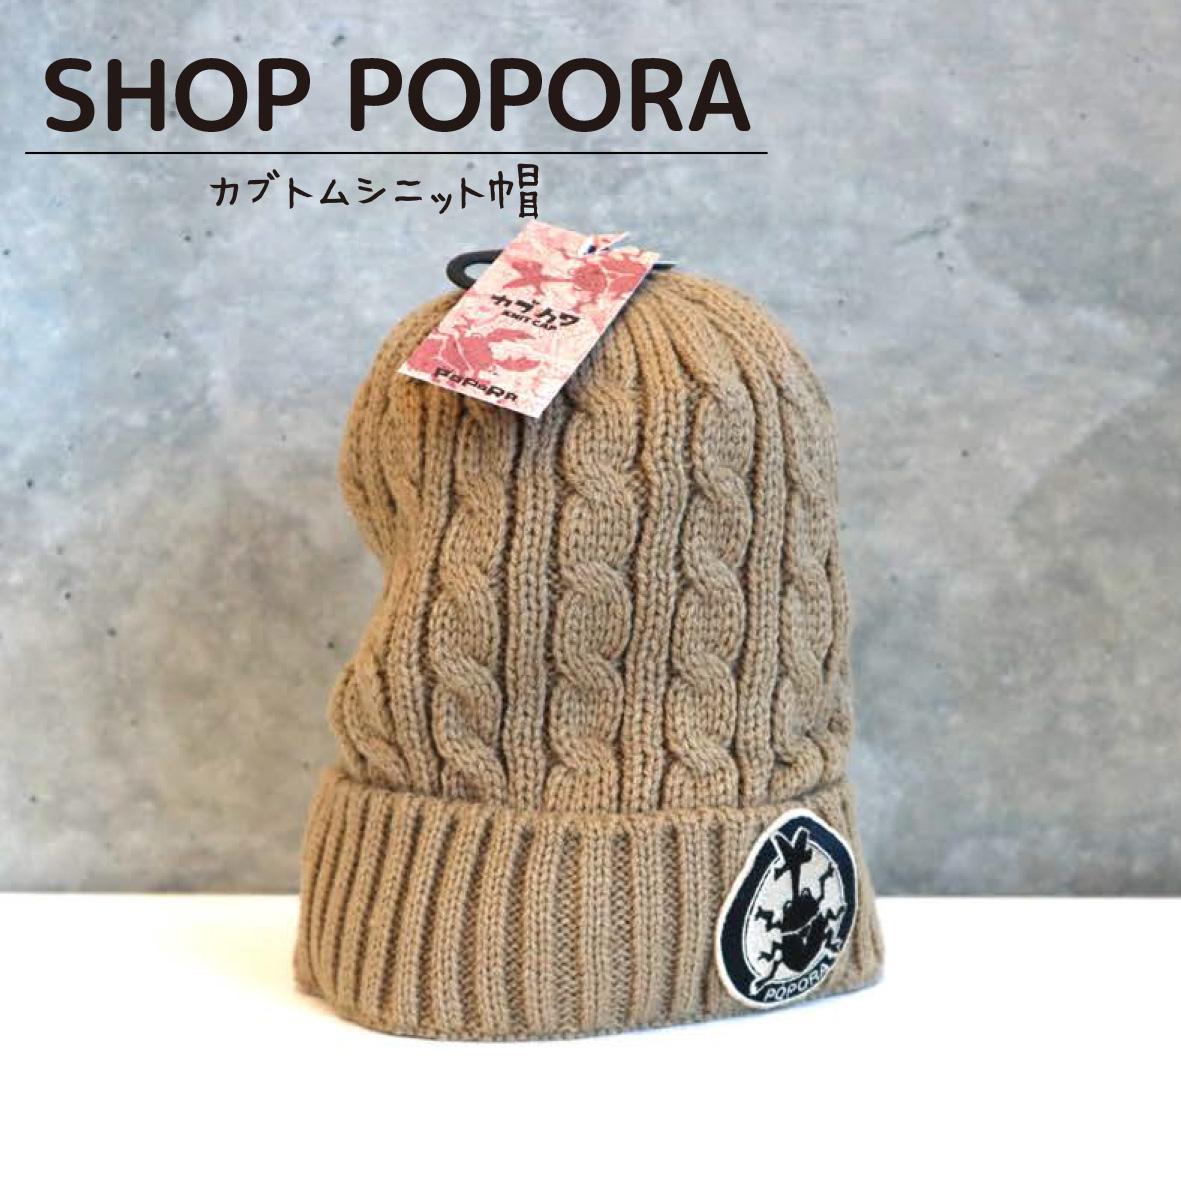 カブトムシニット帽